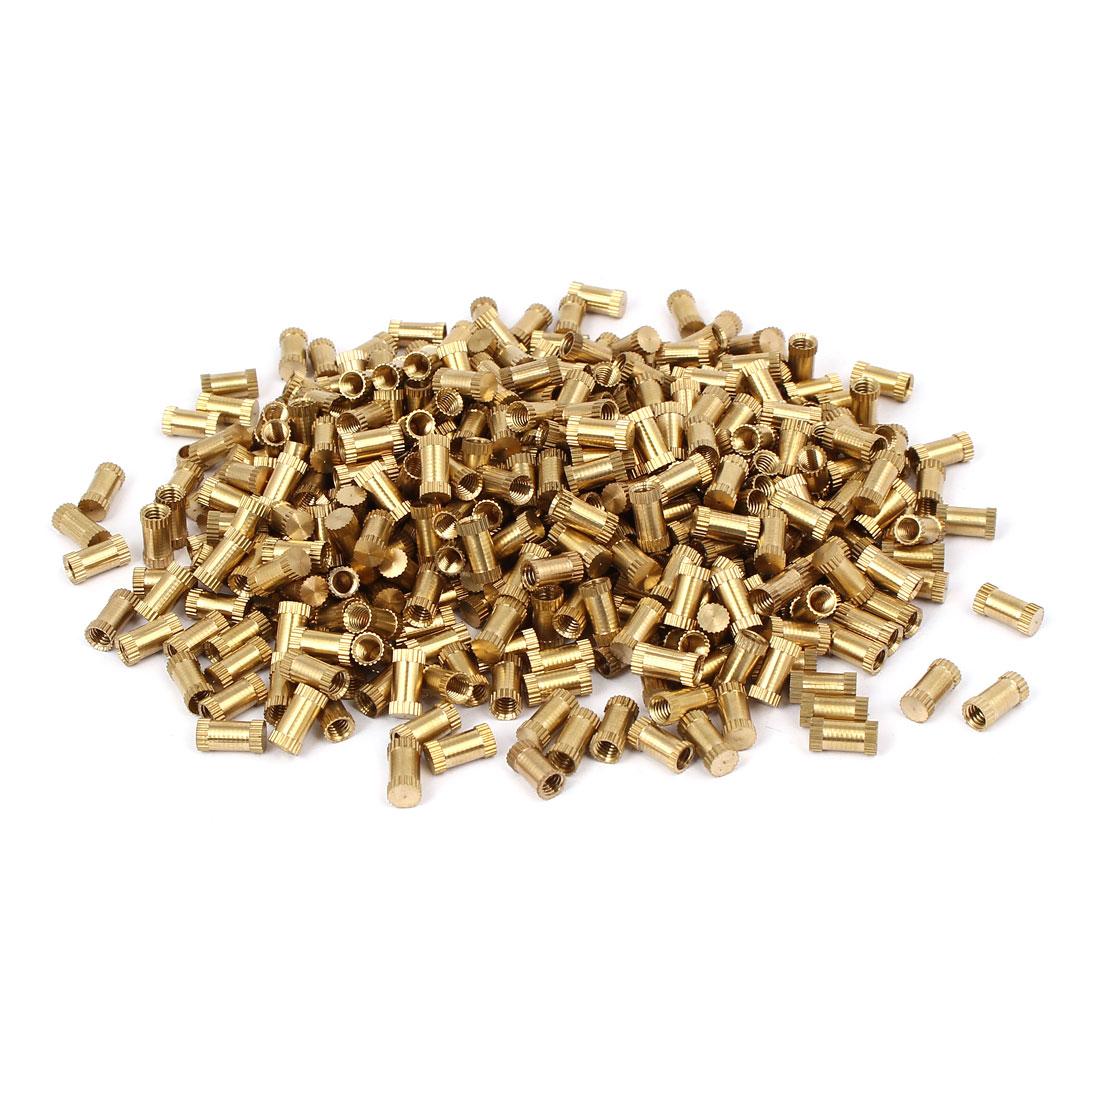 M4 x 10mm 5.3mm OD Brass Threaded Insert Embedment Knurled Thumb Nut 500PCS